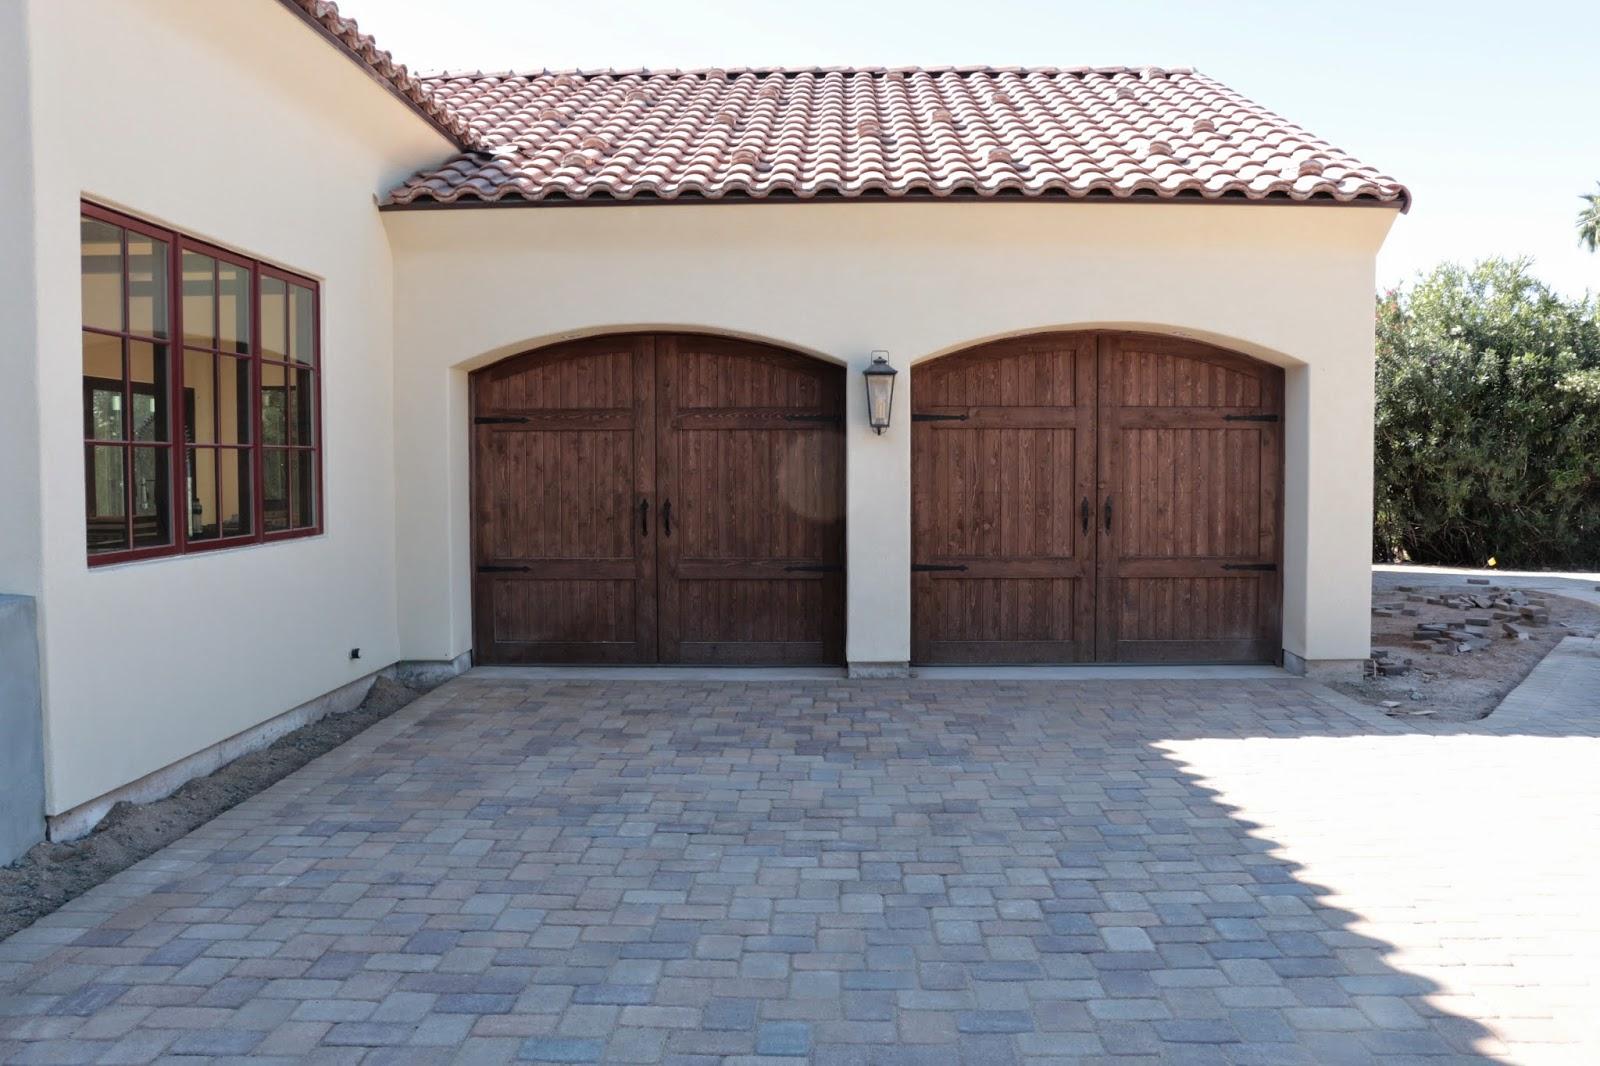 garage door hardware, Home Depot garage door hardware, cedar garage doors, brick red casement windows